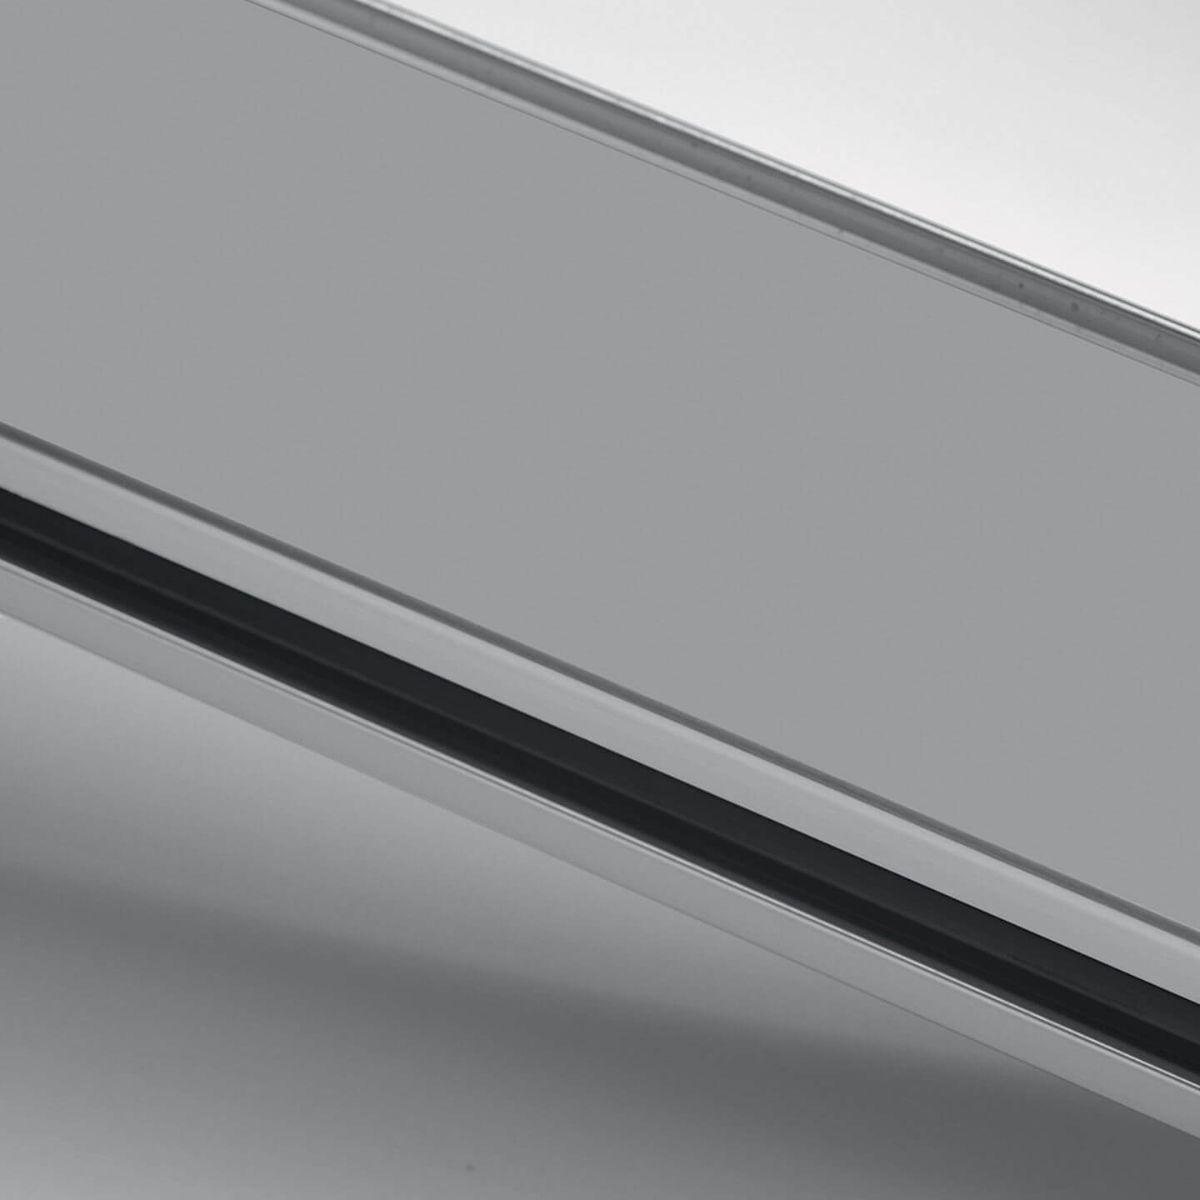 Finitura alluminio anodizzato per parete in vetro